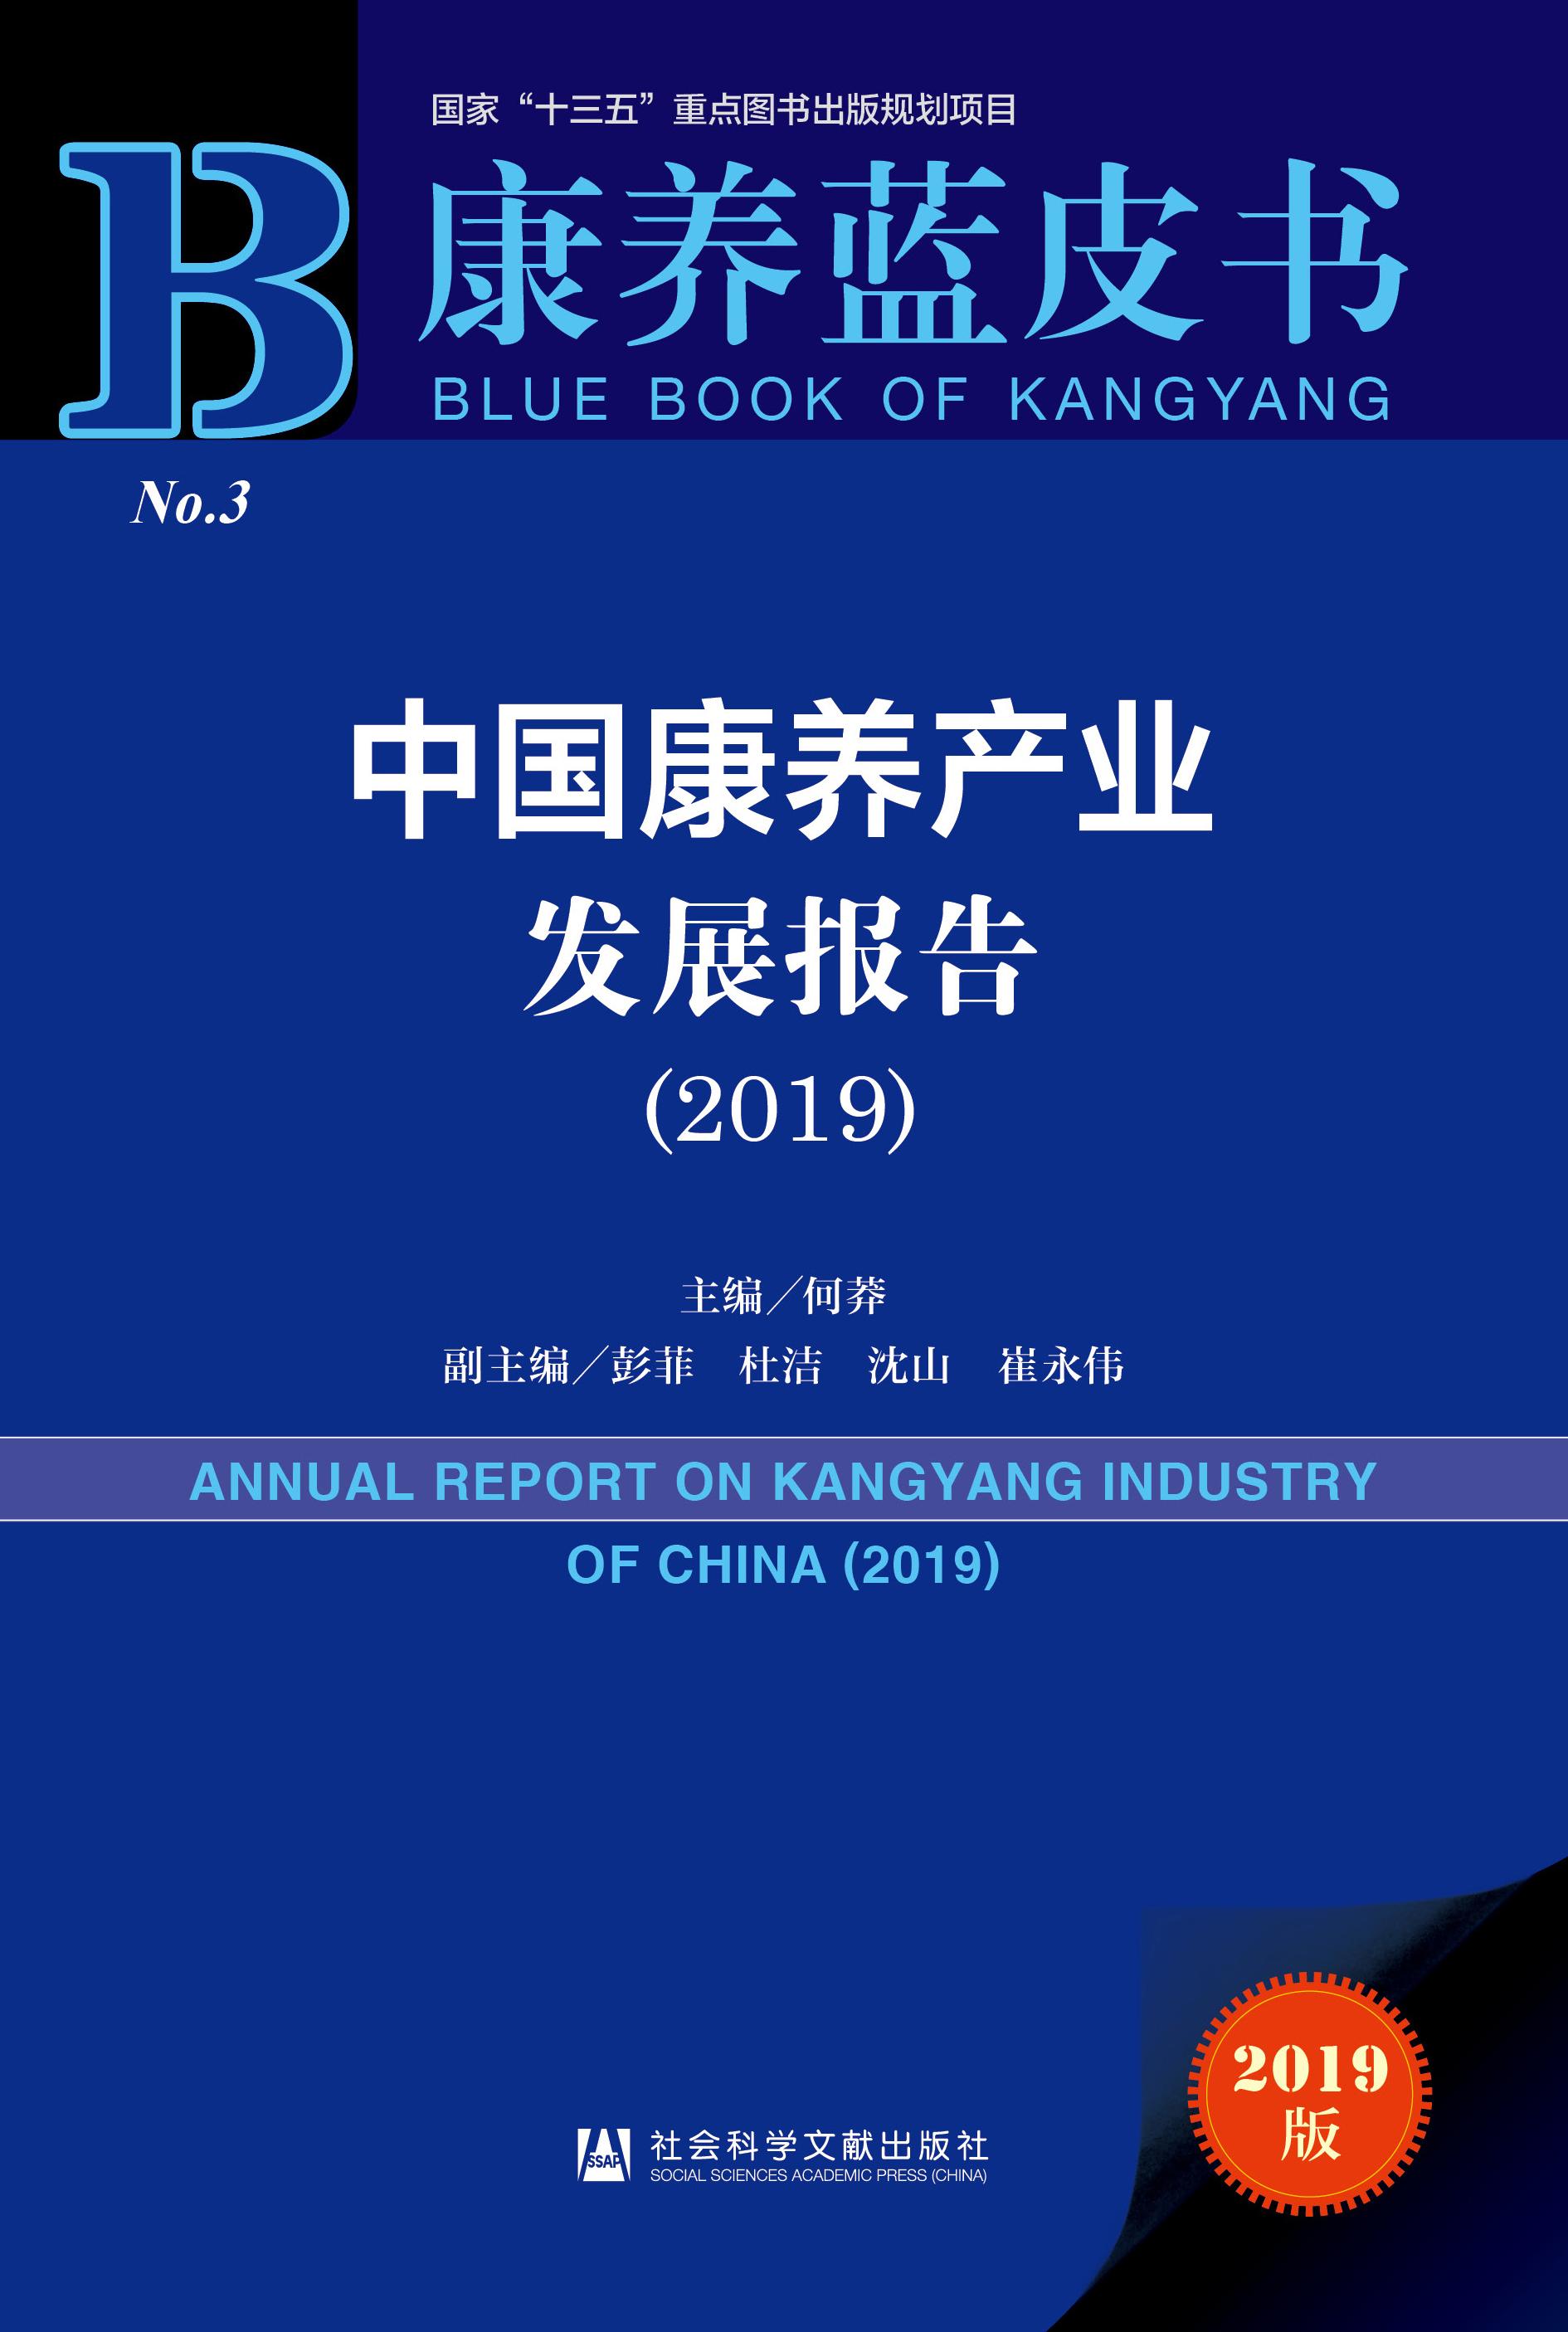 中国康养产业发展报告(2019)